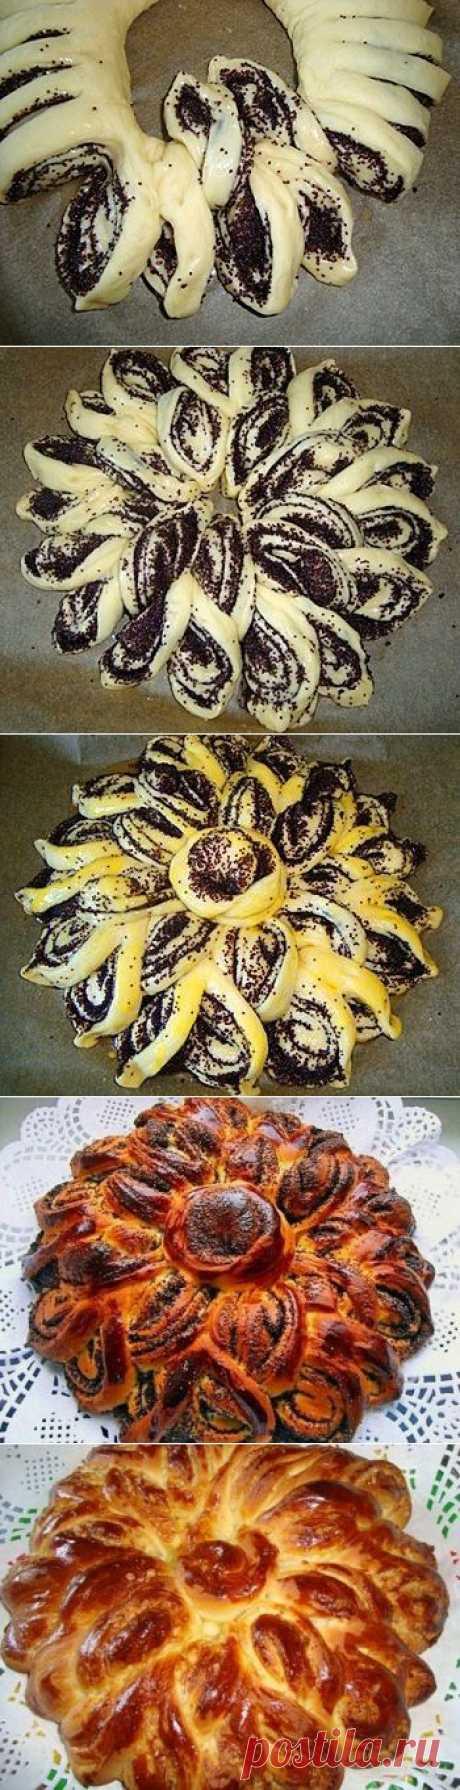 Как красиво разделать : пироги, пирожки, булочки и плетёнки   Самоделкино